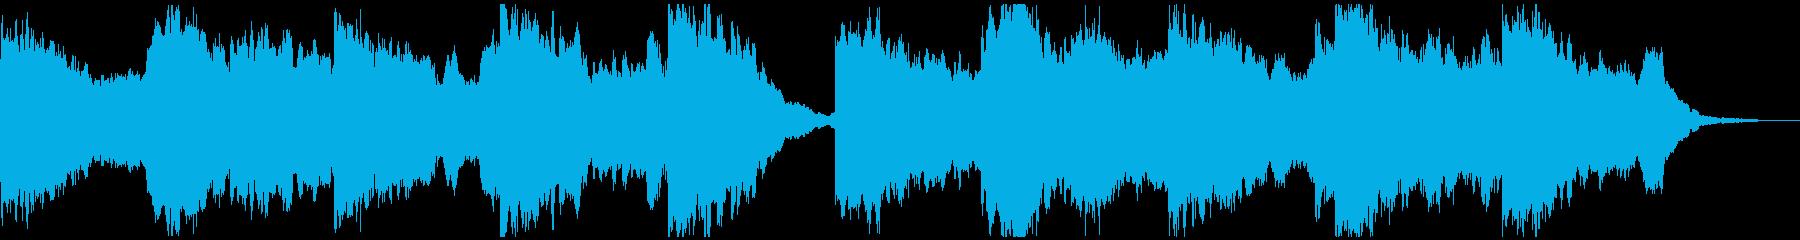 ギターハーモニクスの真剣な雰囲気の劇伴bの再生済みの波形